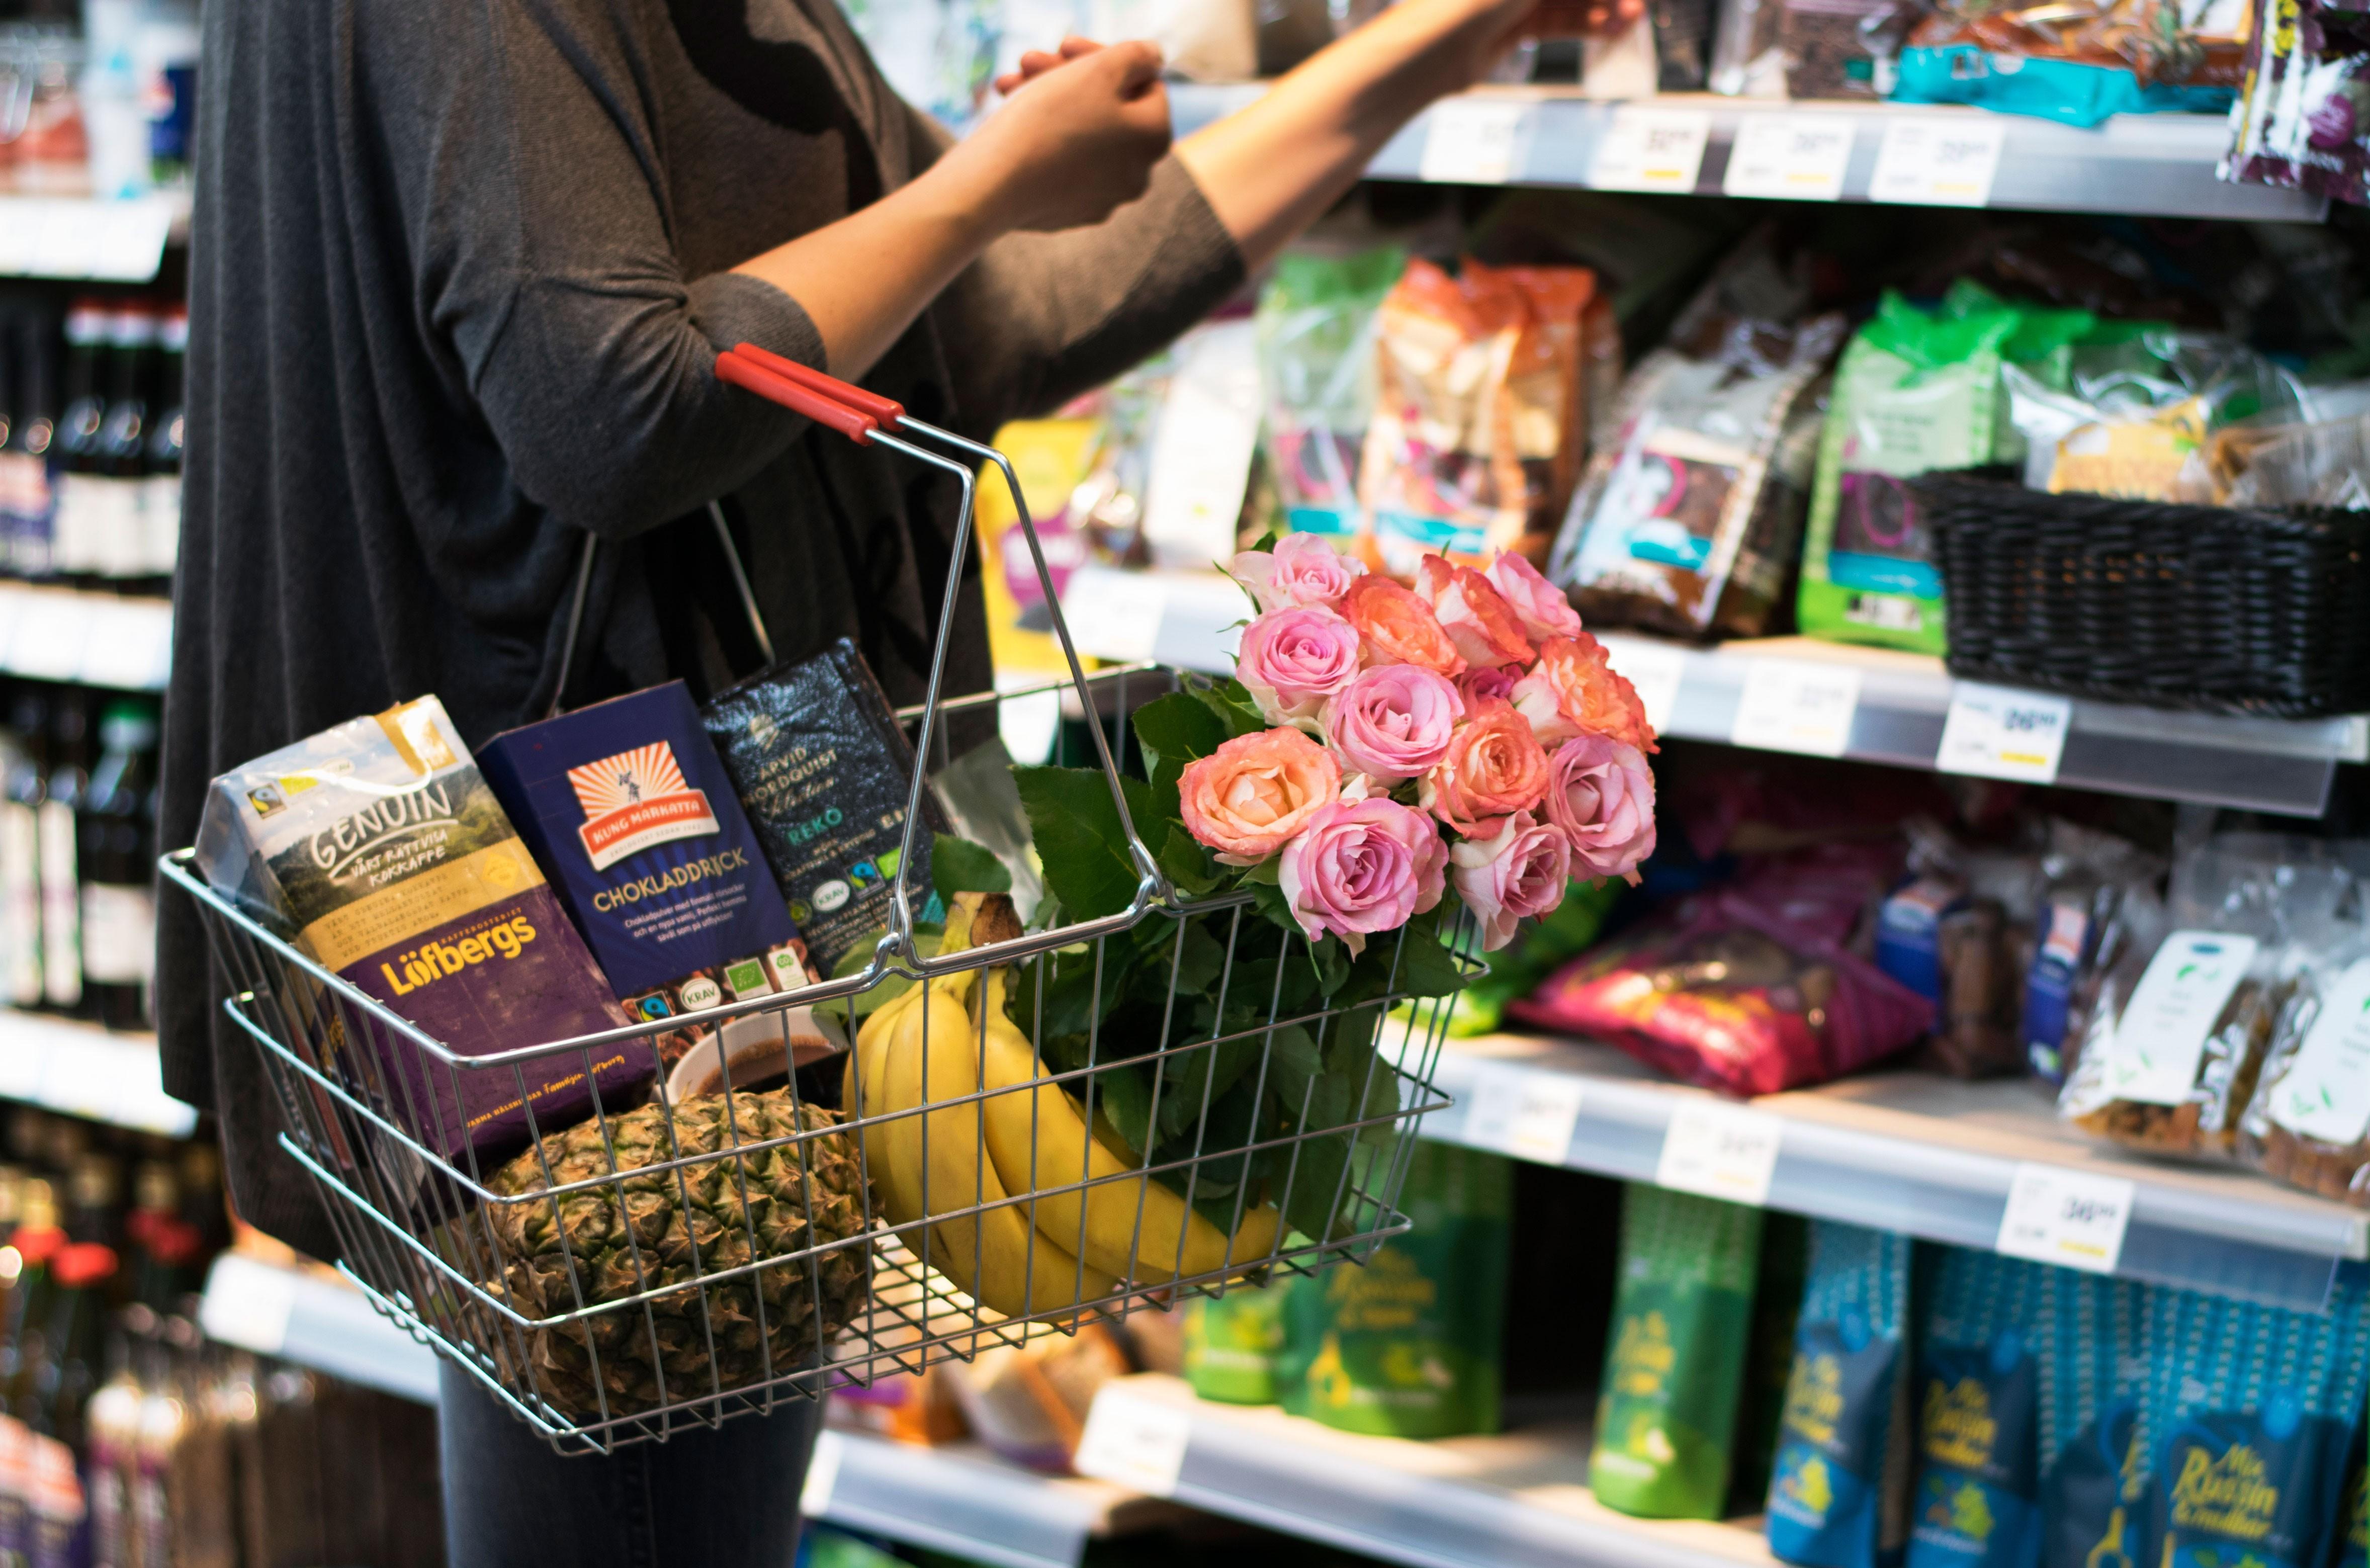 Inspirationskväll om Fairtrade, hållbar konsumtion och engagemang